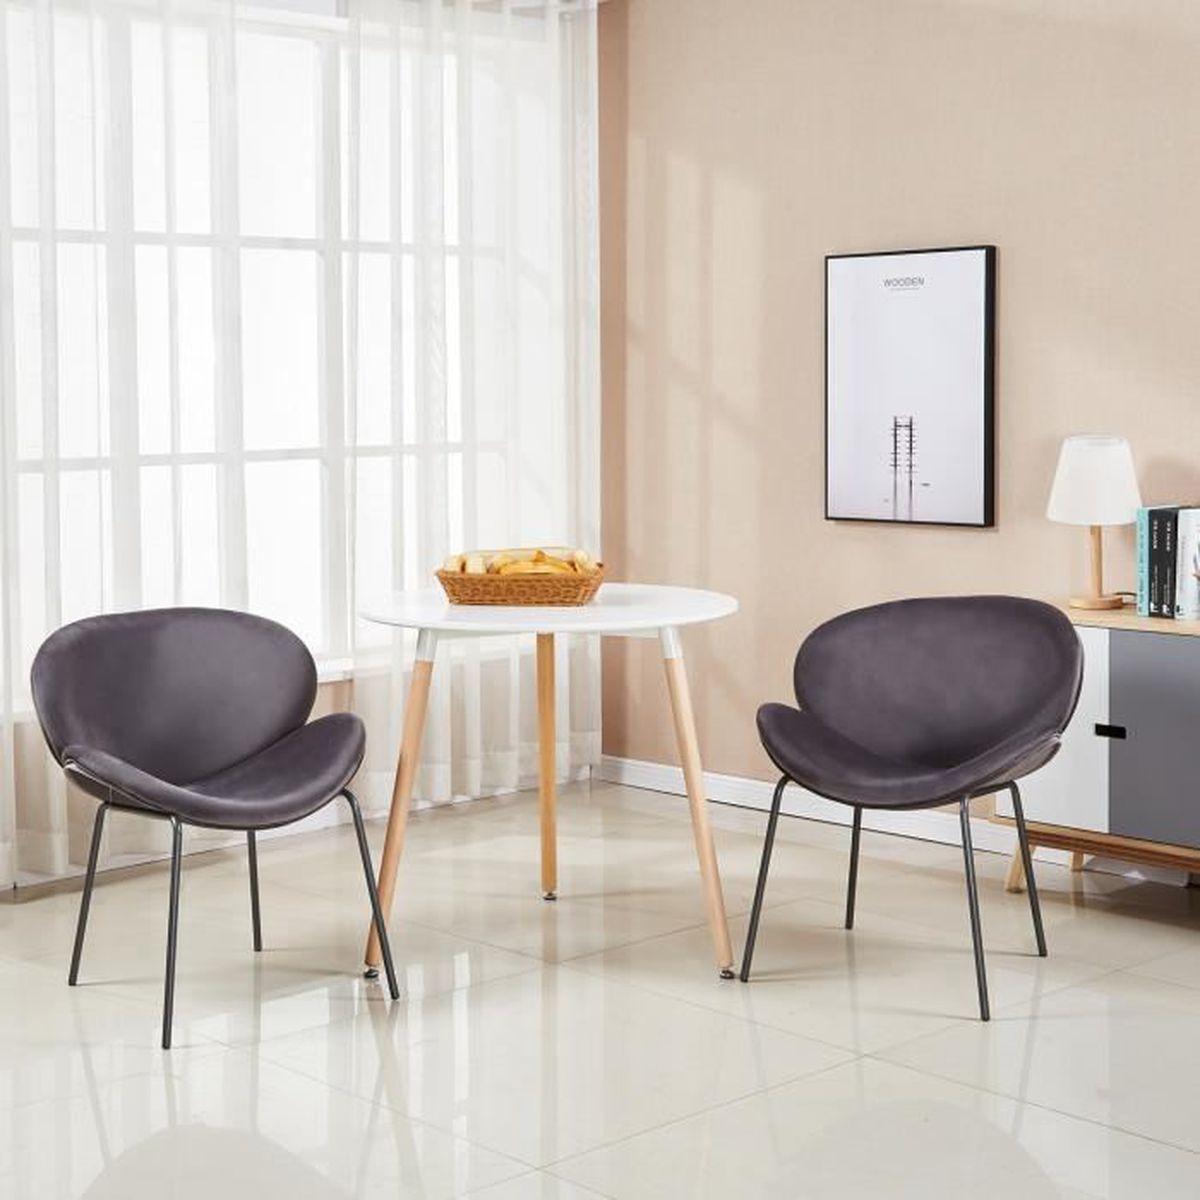 Salle A Manger Retro dora lot de 2 chaises de salle à manger en tissu velours